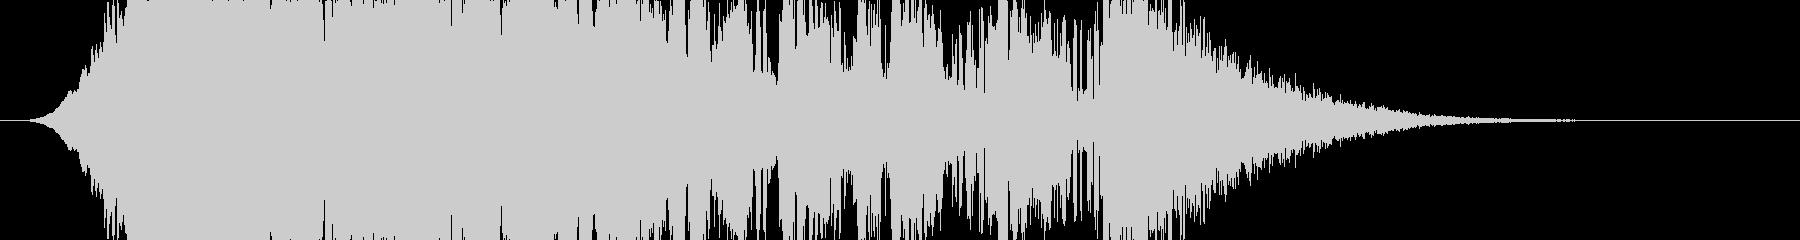 コンピューターが計算するイメージの未再生の波形